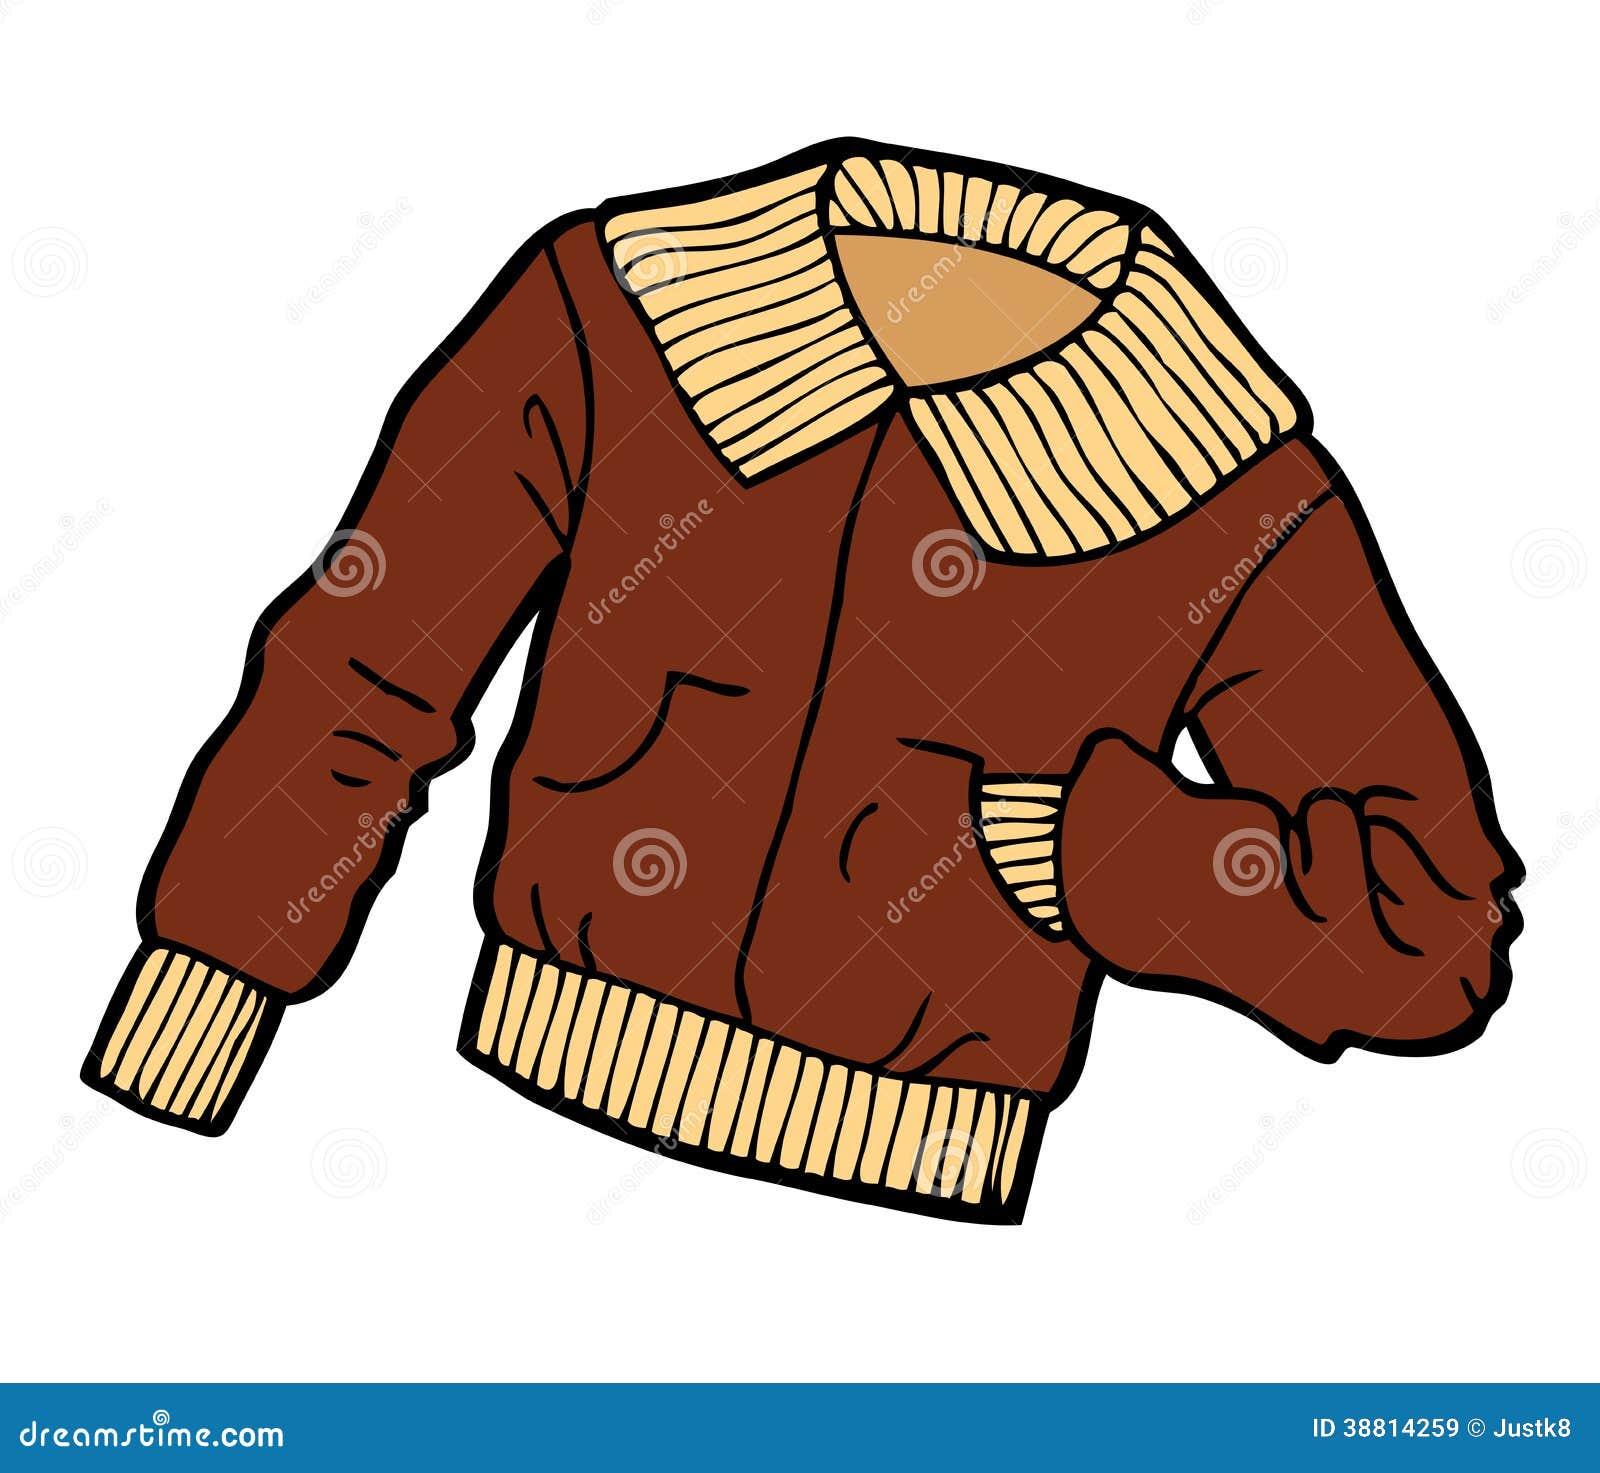 Brown Jacket Cartoon Stock Vector - Image: 38814259